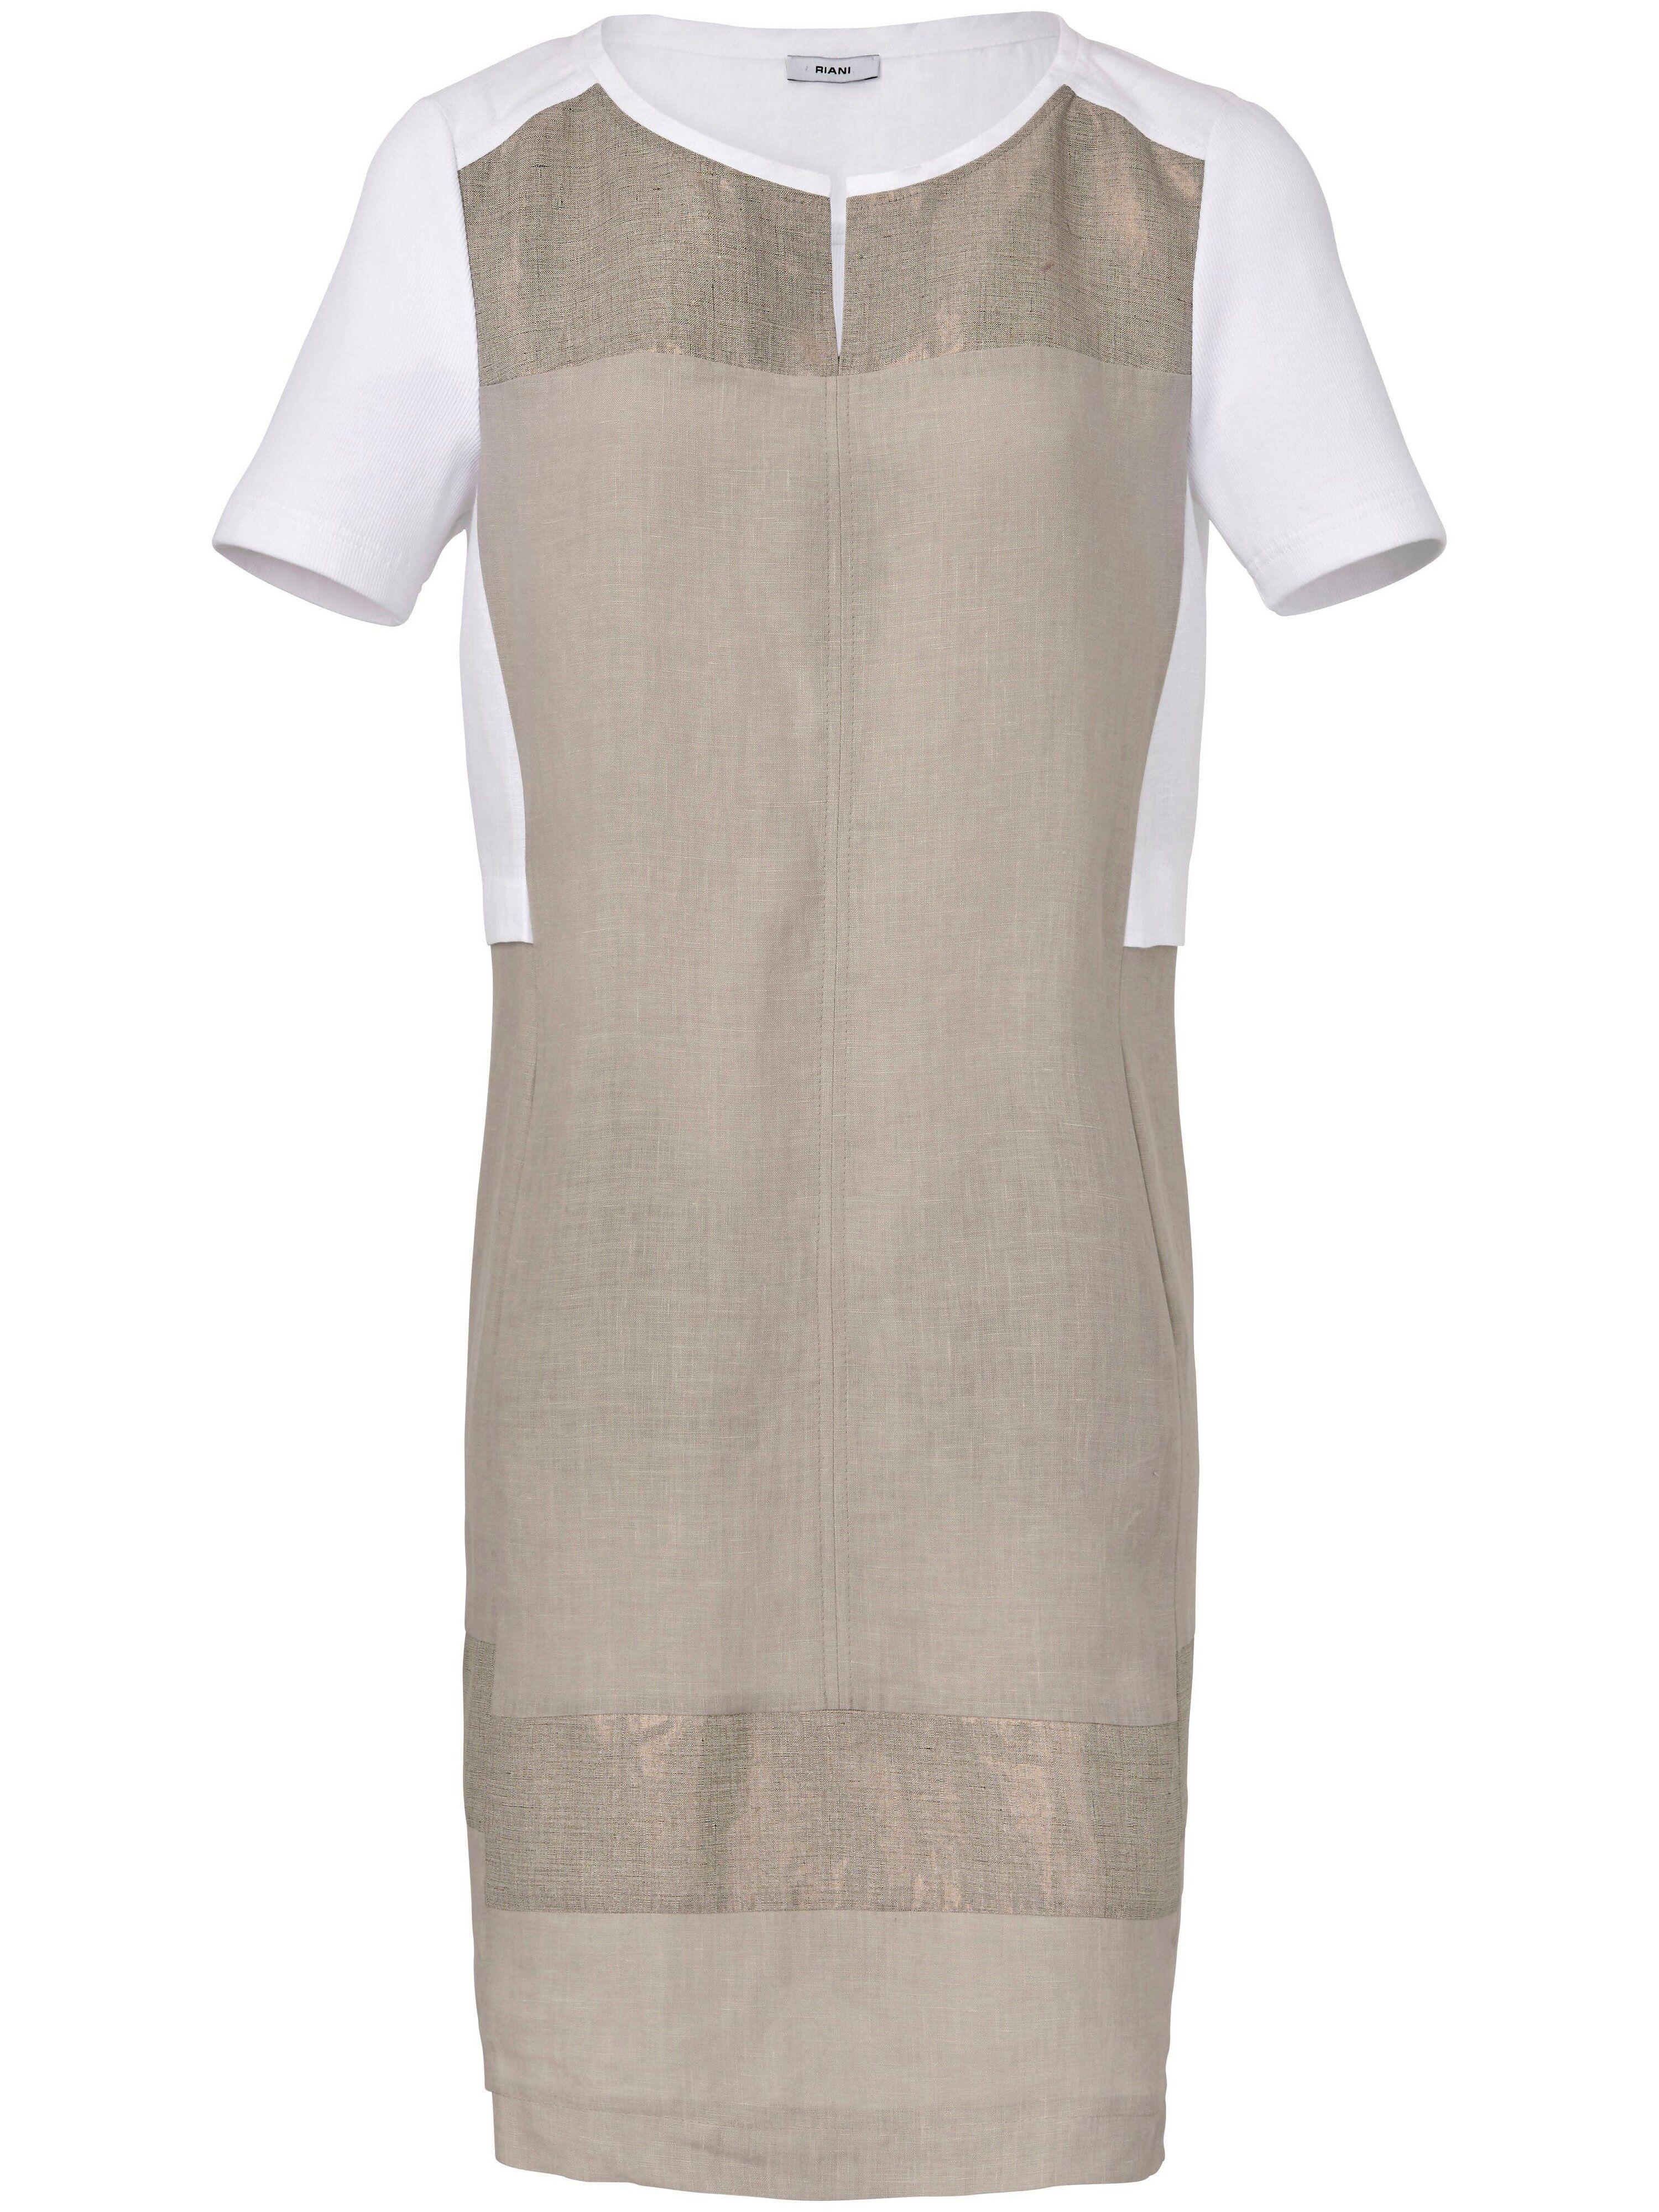 Riani La robe à manches courtes en pur lin, ligne droite  Riani beige  - Femme - 42